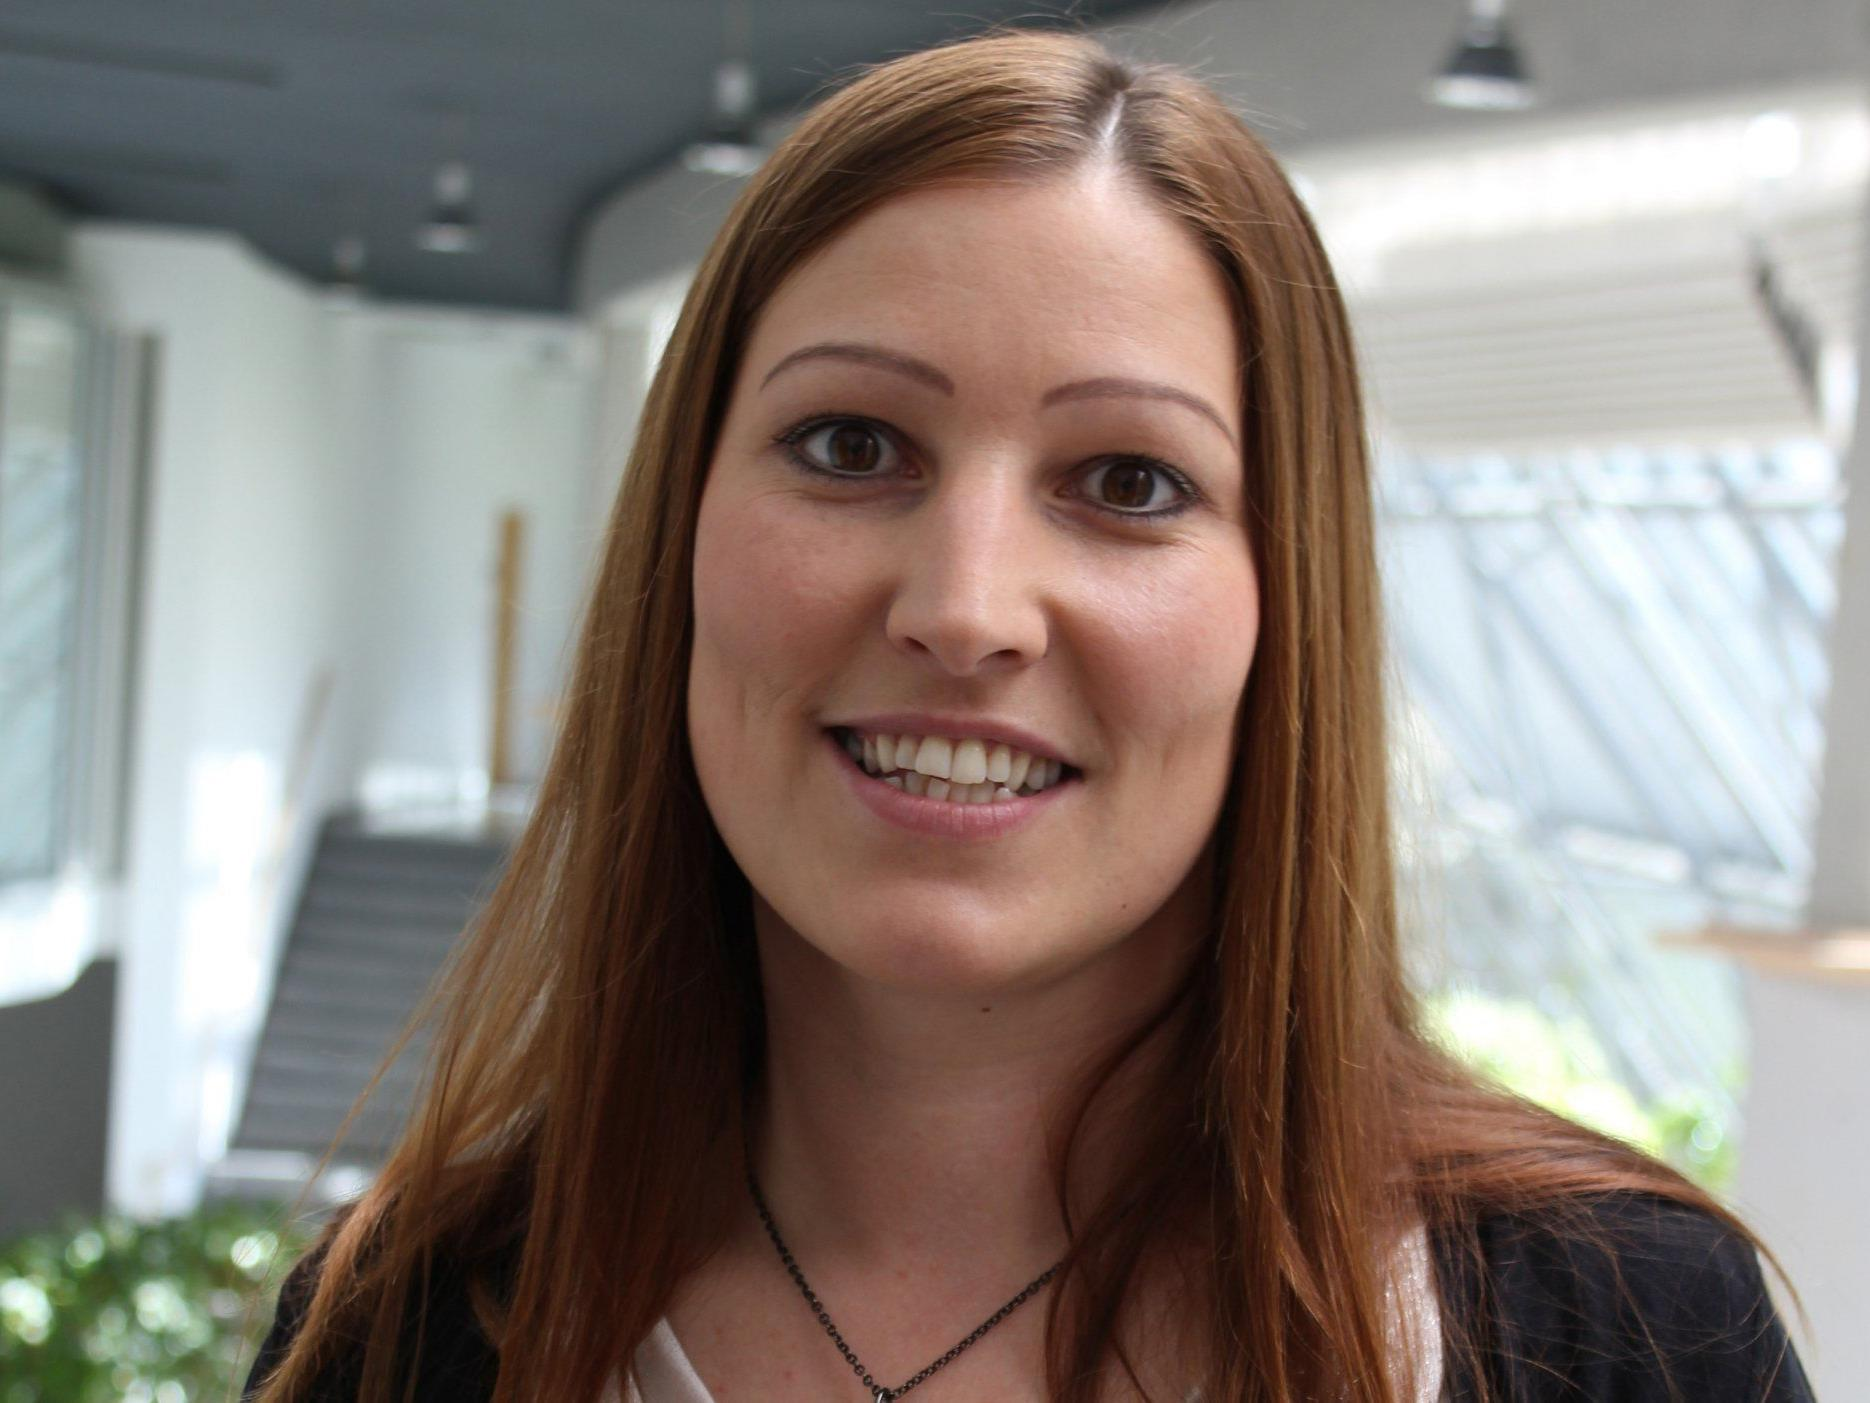 Astrid Breuß, Vorsitzende des Zentralbetriebsrates der Vorarlberger Landeskrankenhäuser